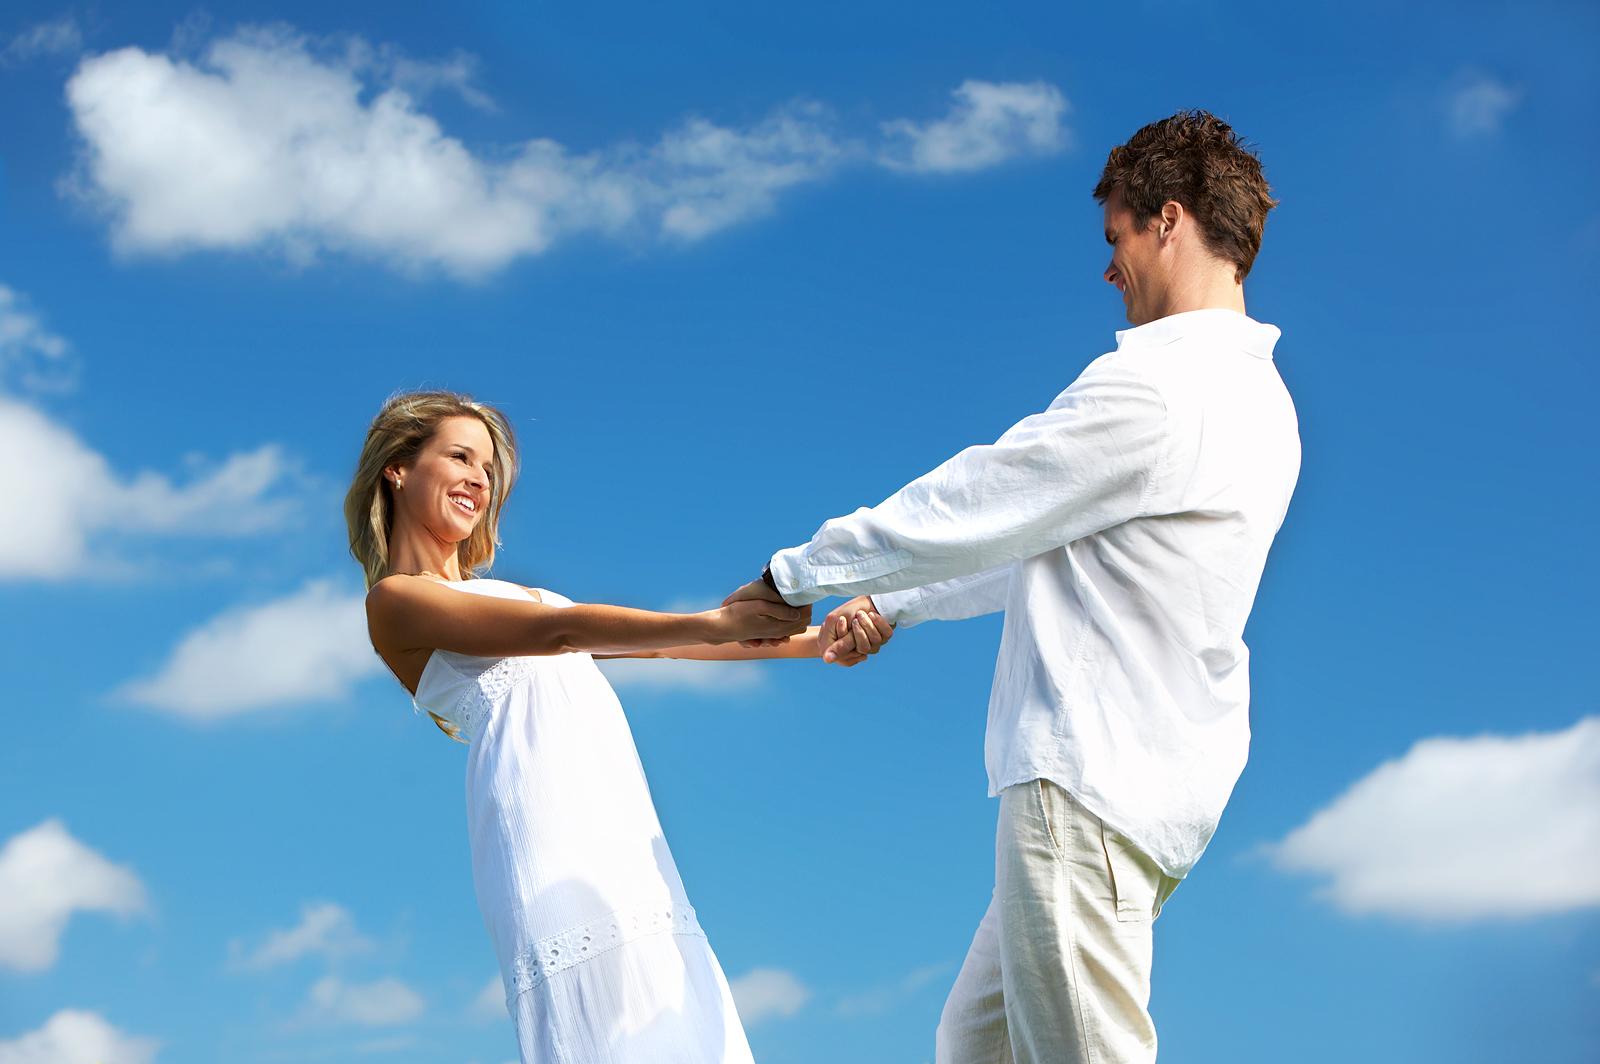 Укрепление отношений – консультация психолога